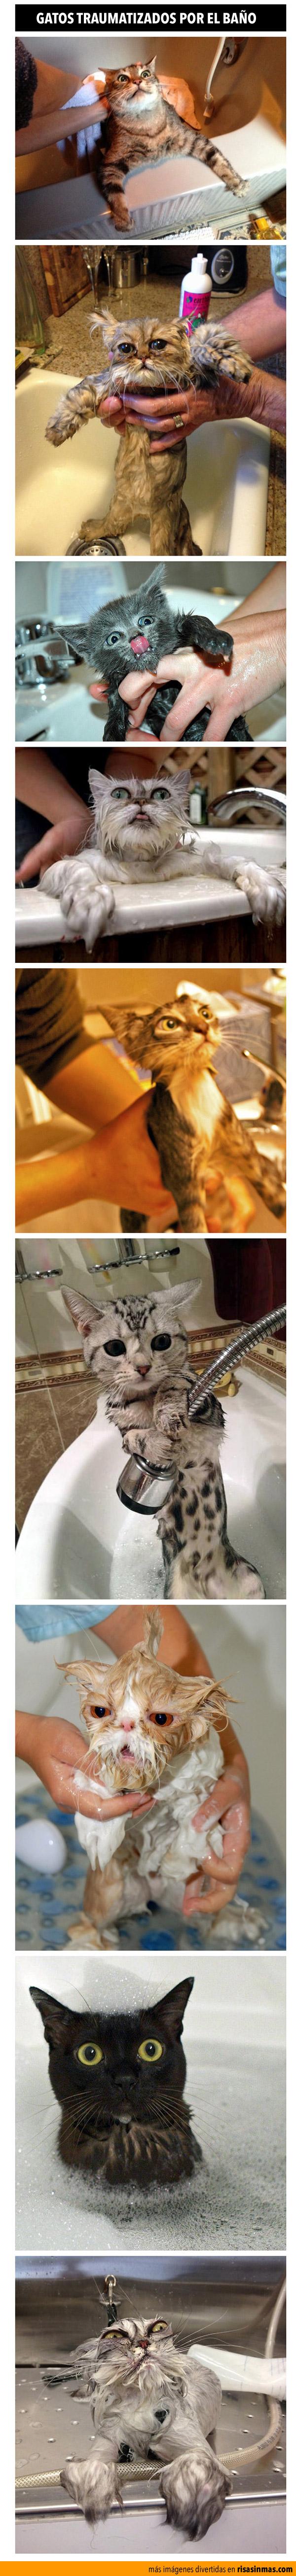 Gatos traumatizados por el baño